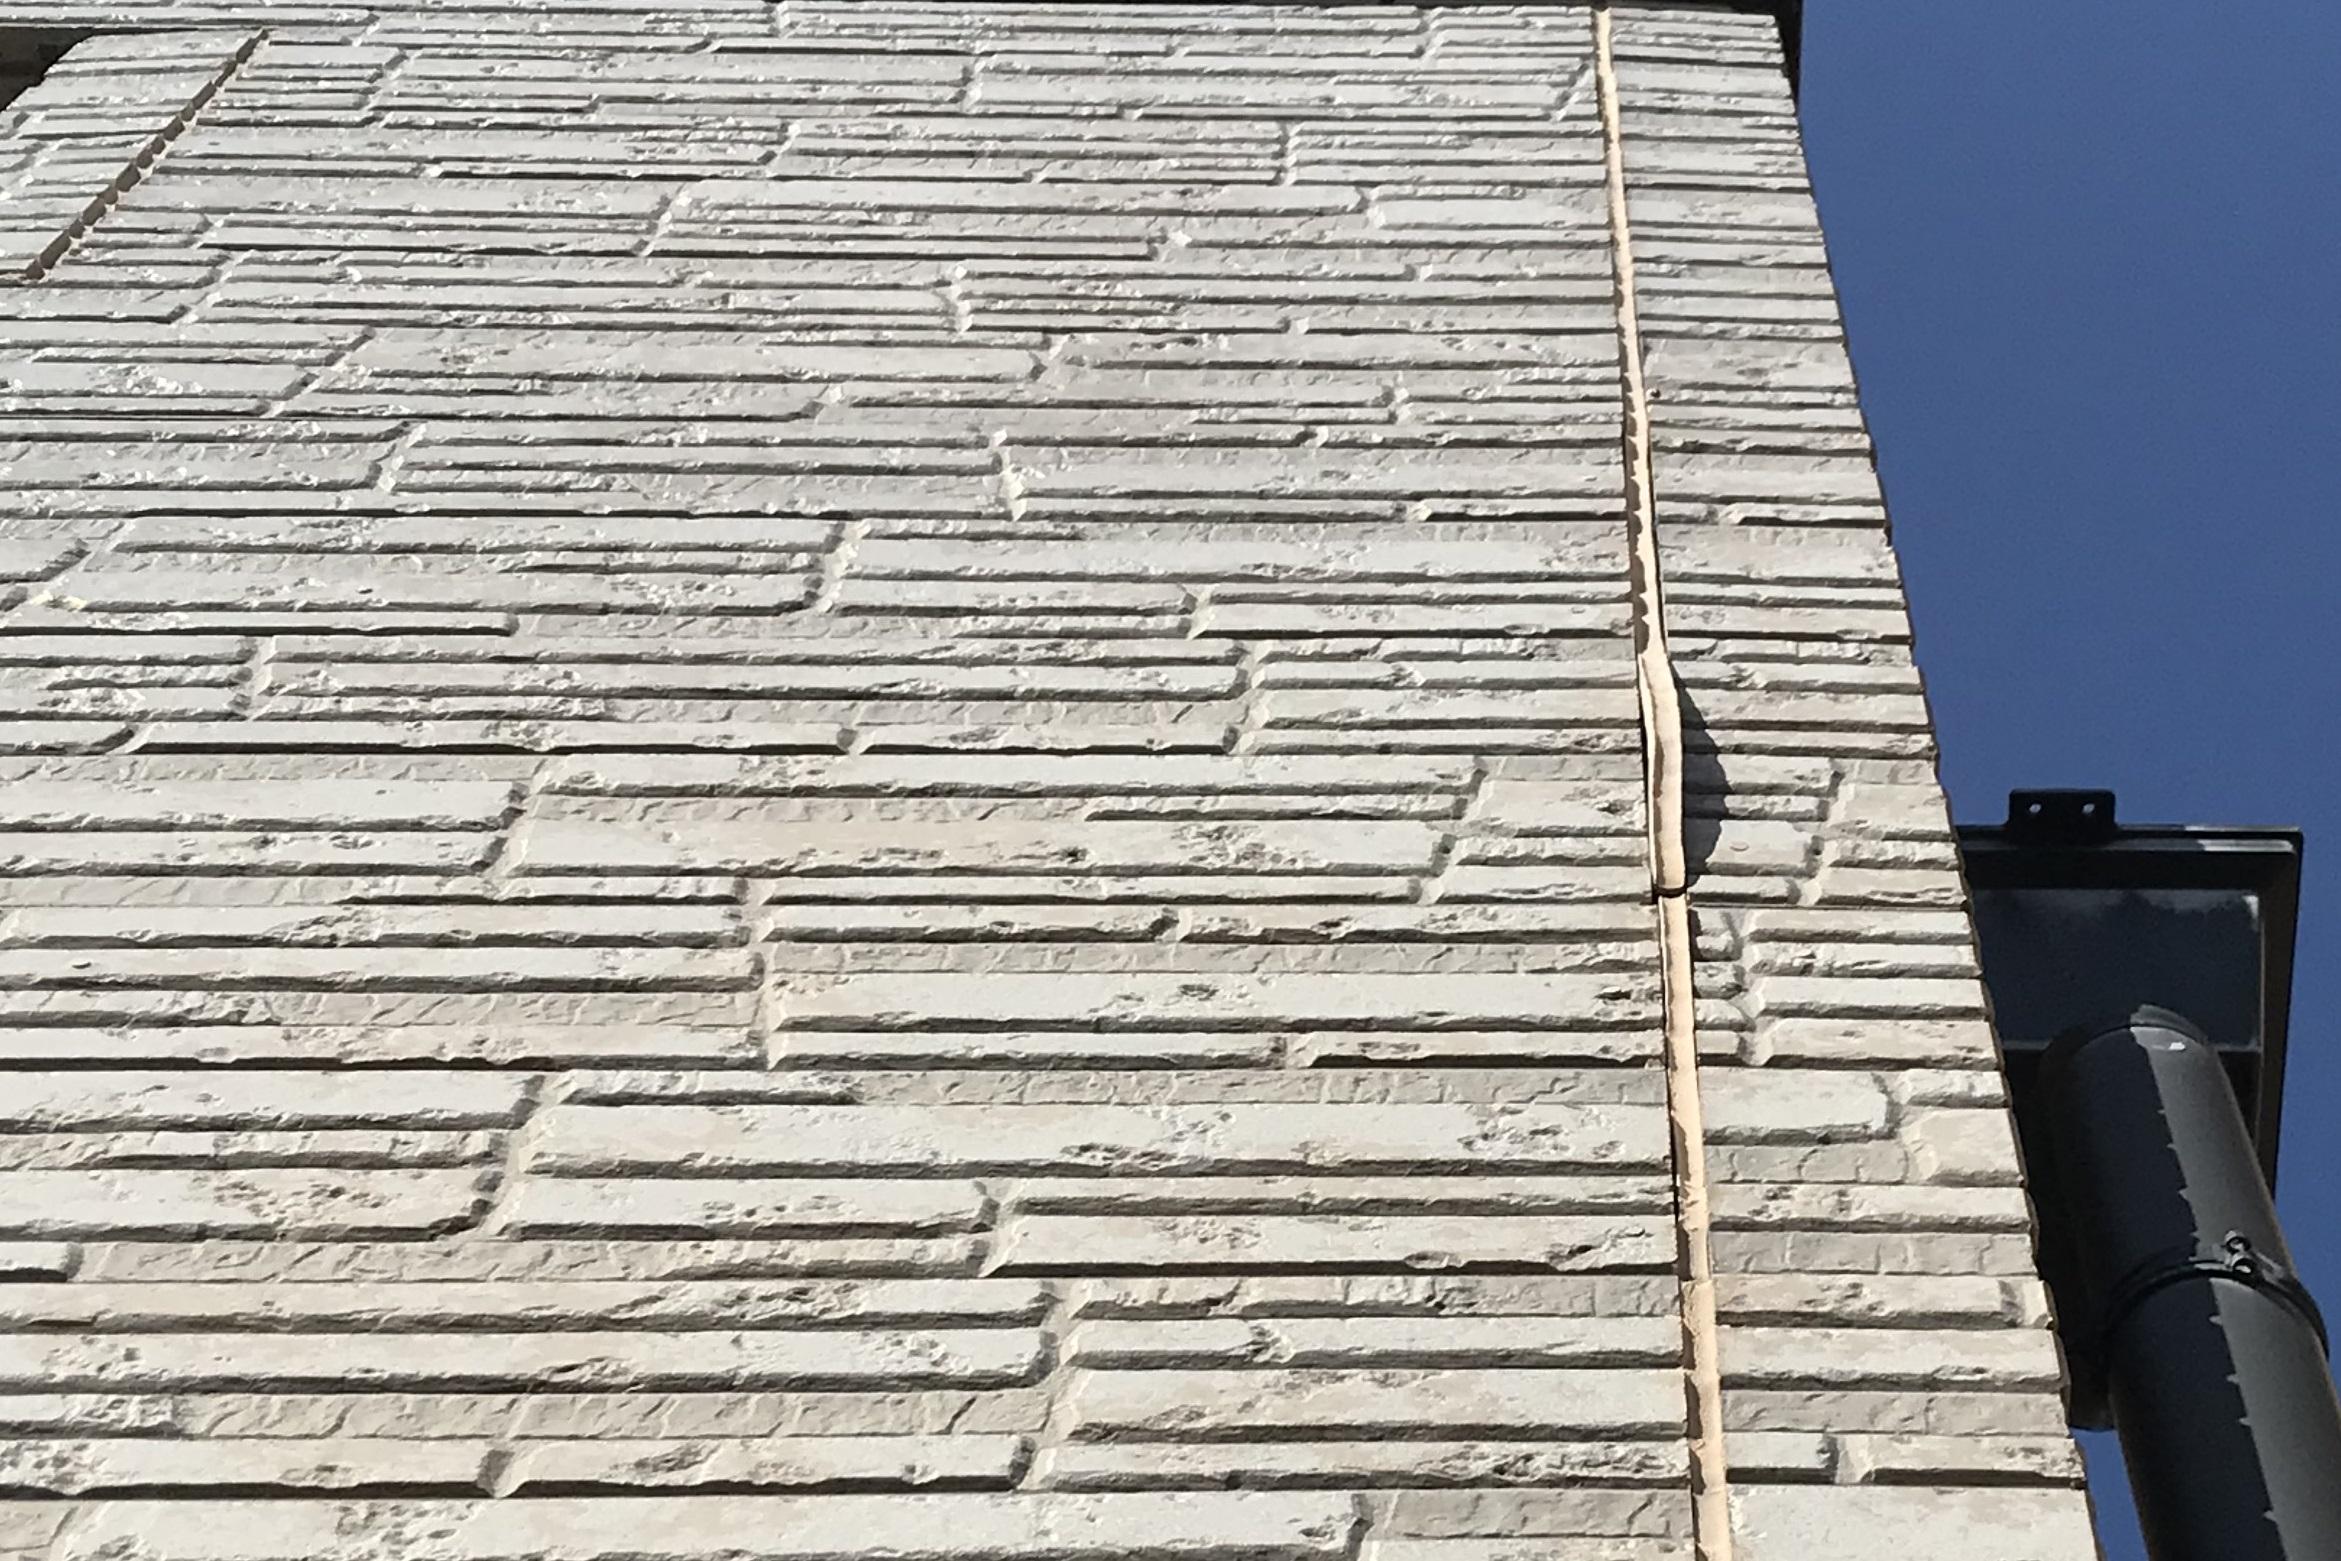 上尾市サイディング南外壁目地シーリング材の浮きアップ